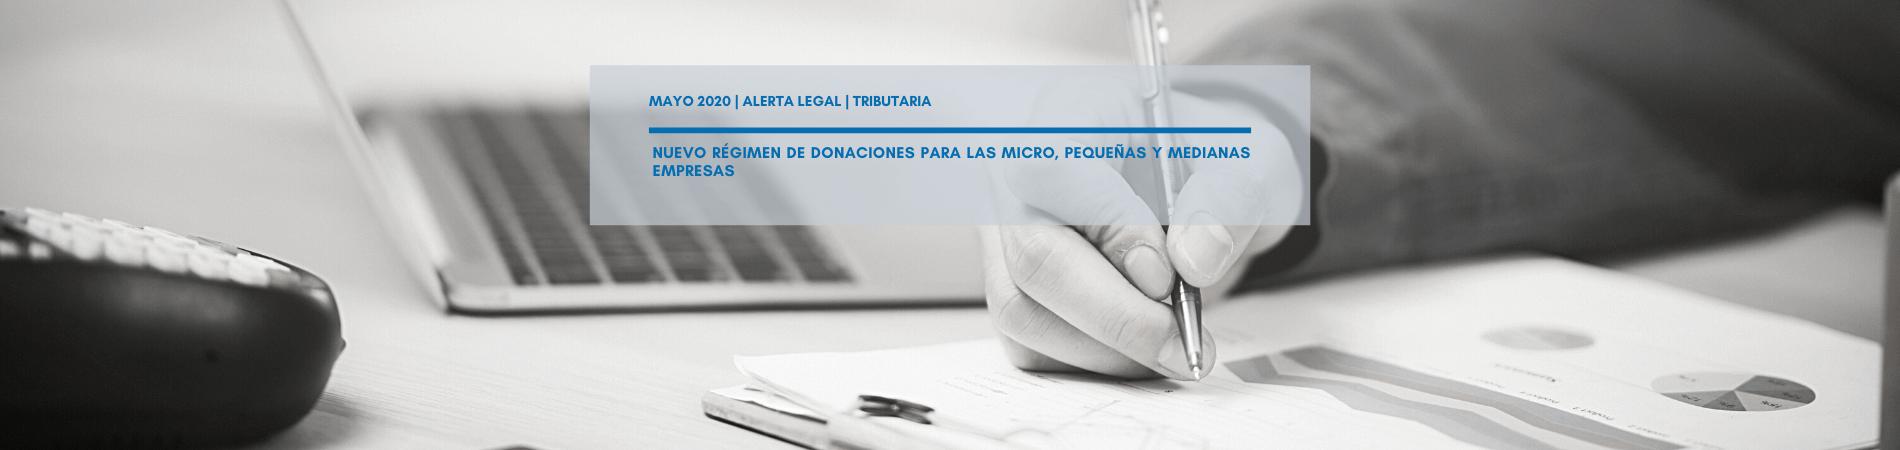 Alerta Legal Tributaria | Nuevo régimen de donaciones para las micro, pequeñas y medianas empresas